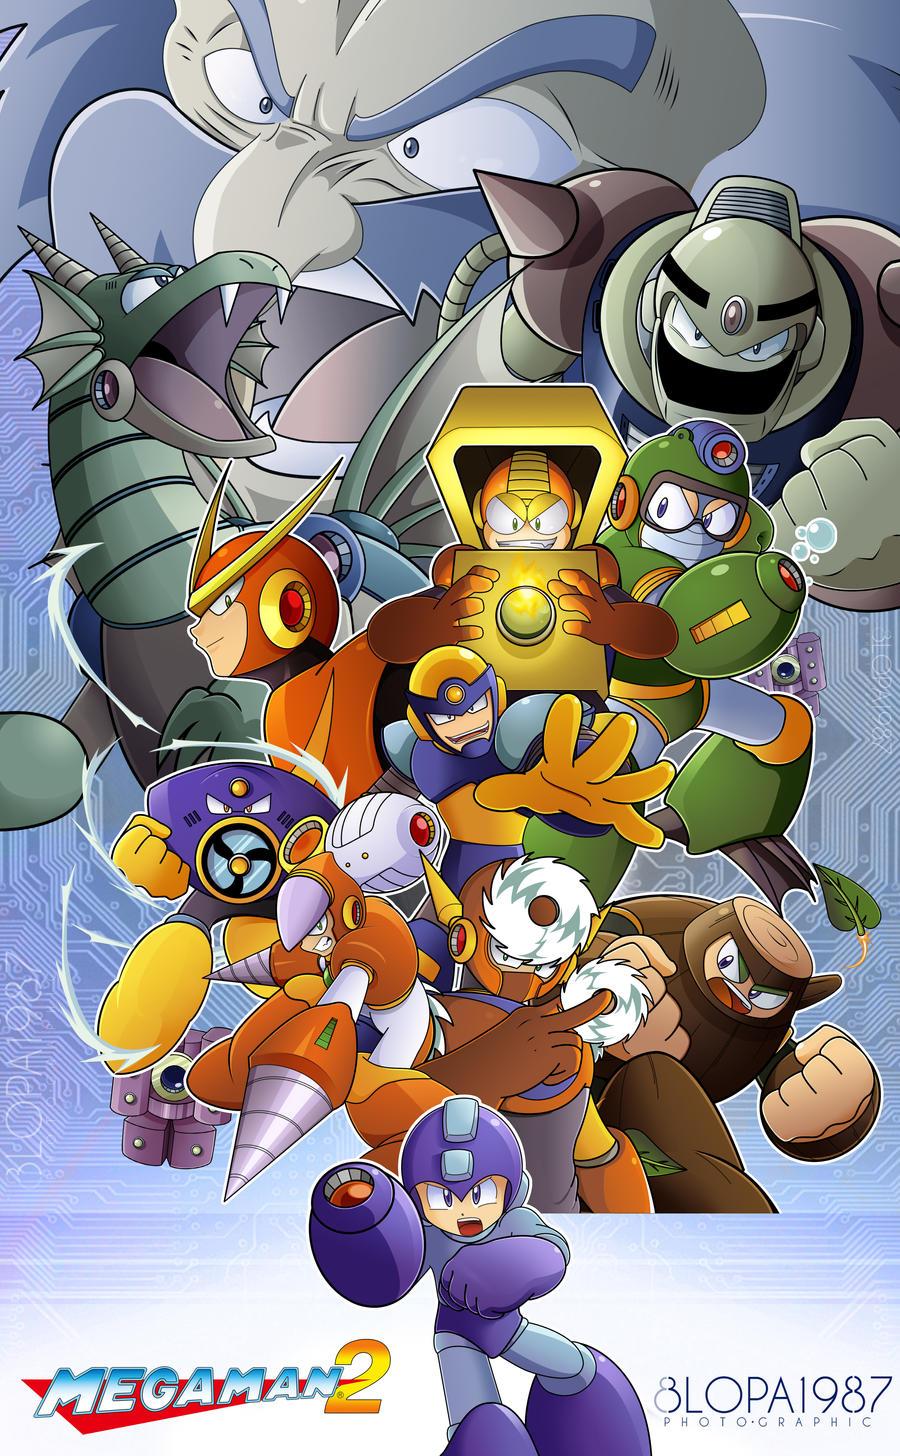 Megaman 2 by Blopa1987